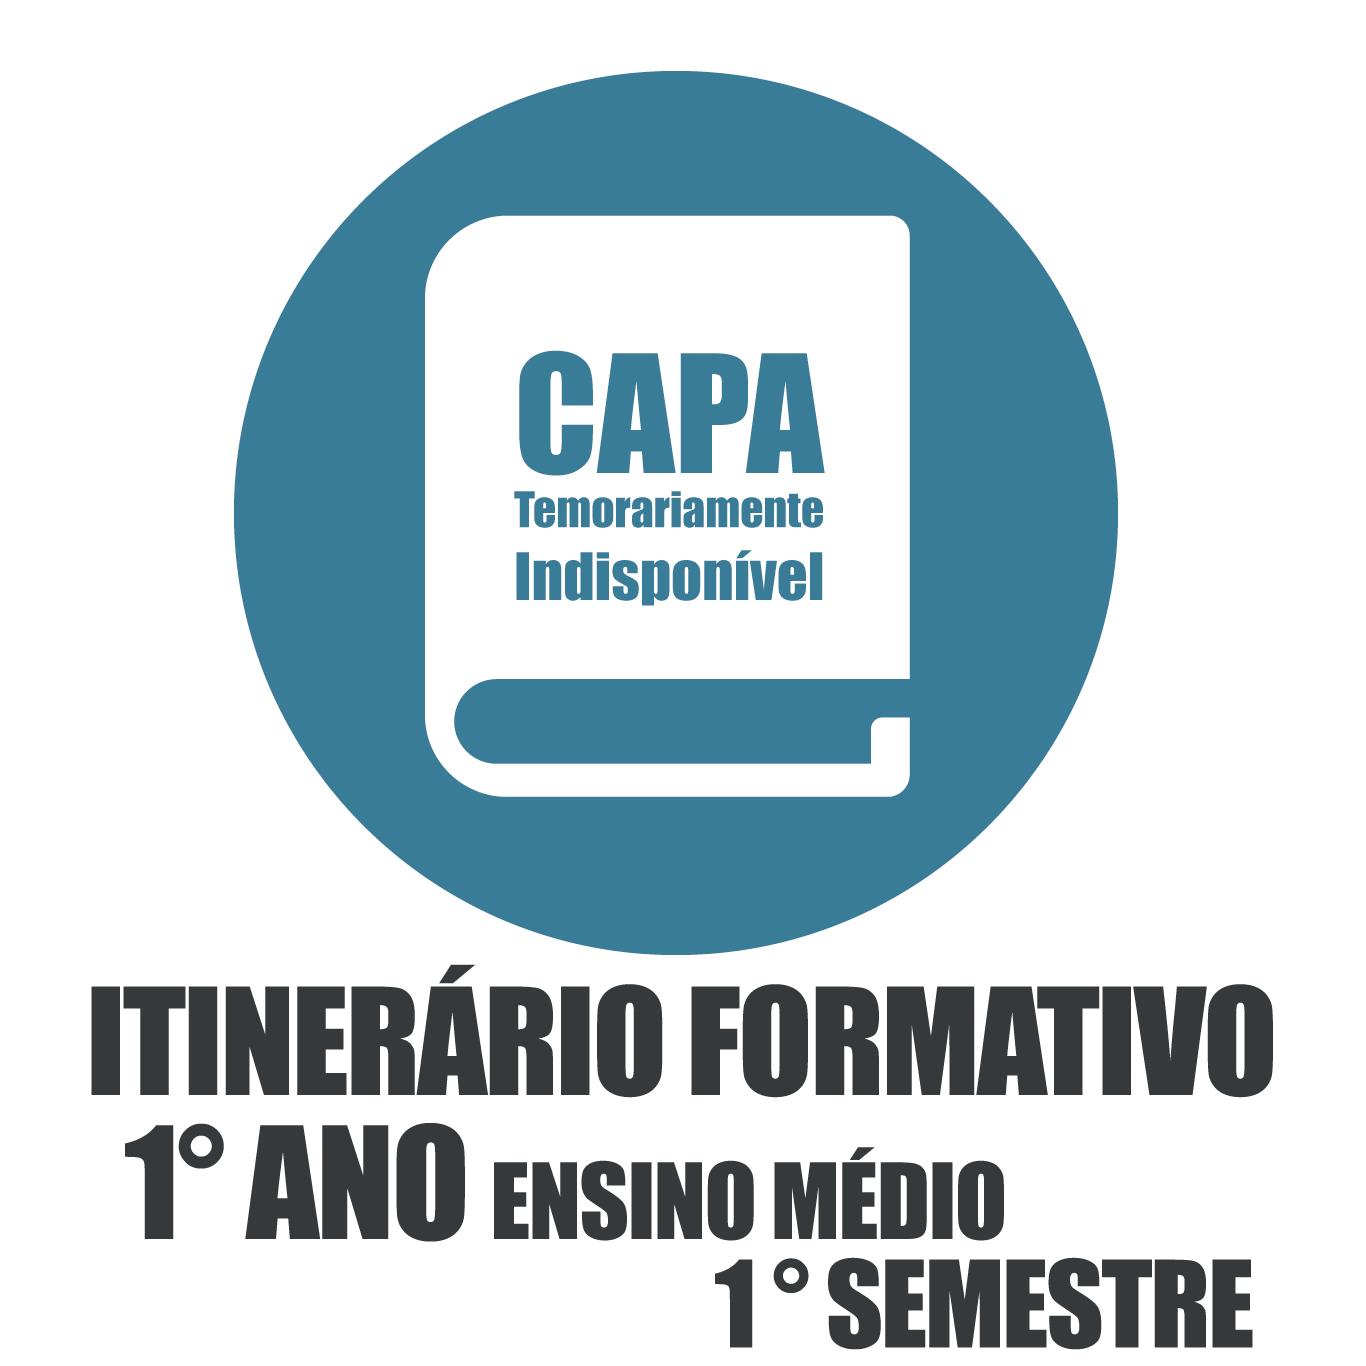 Itinerário Formativo - 1° Ano Ensino Médio  - 1 Semestre